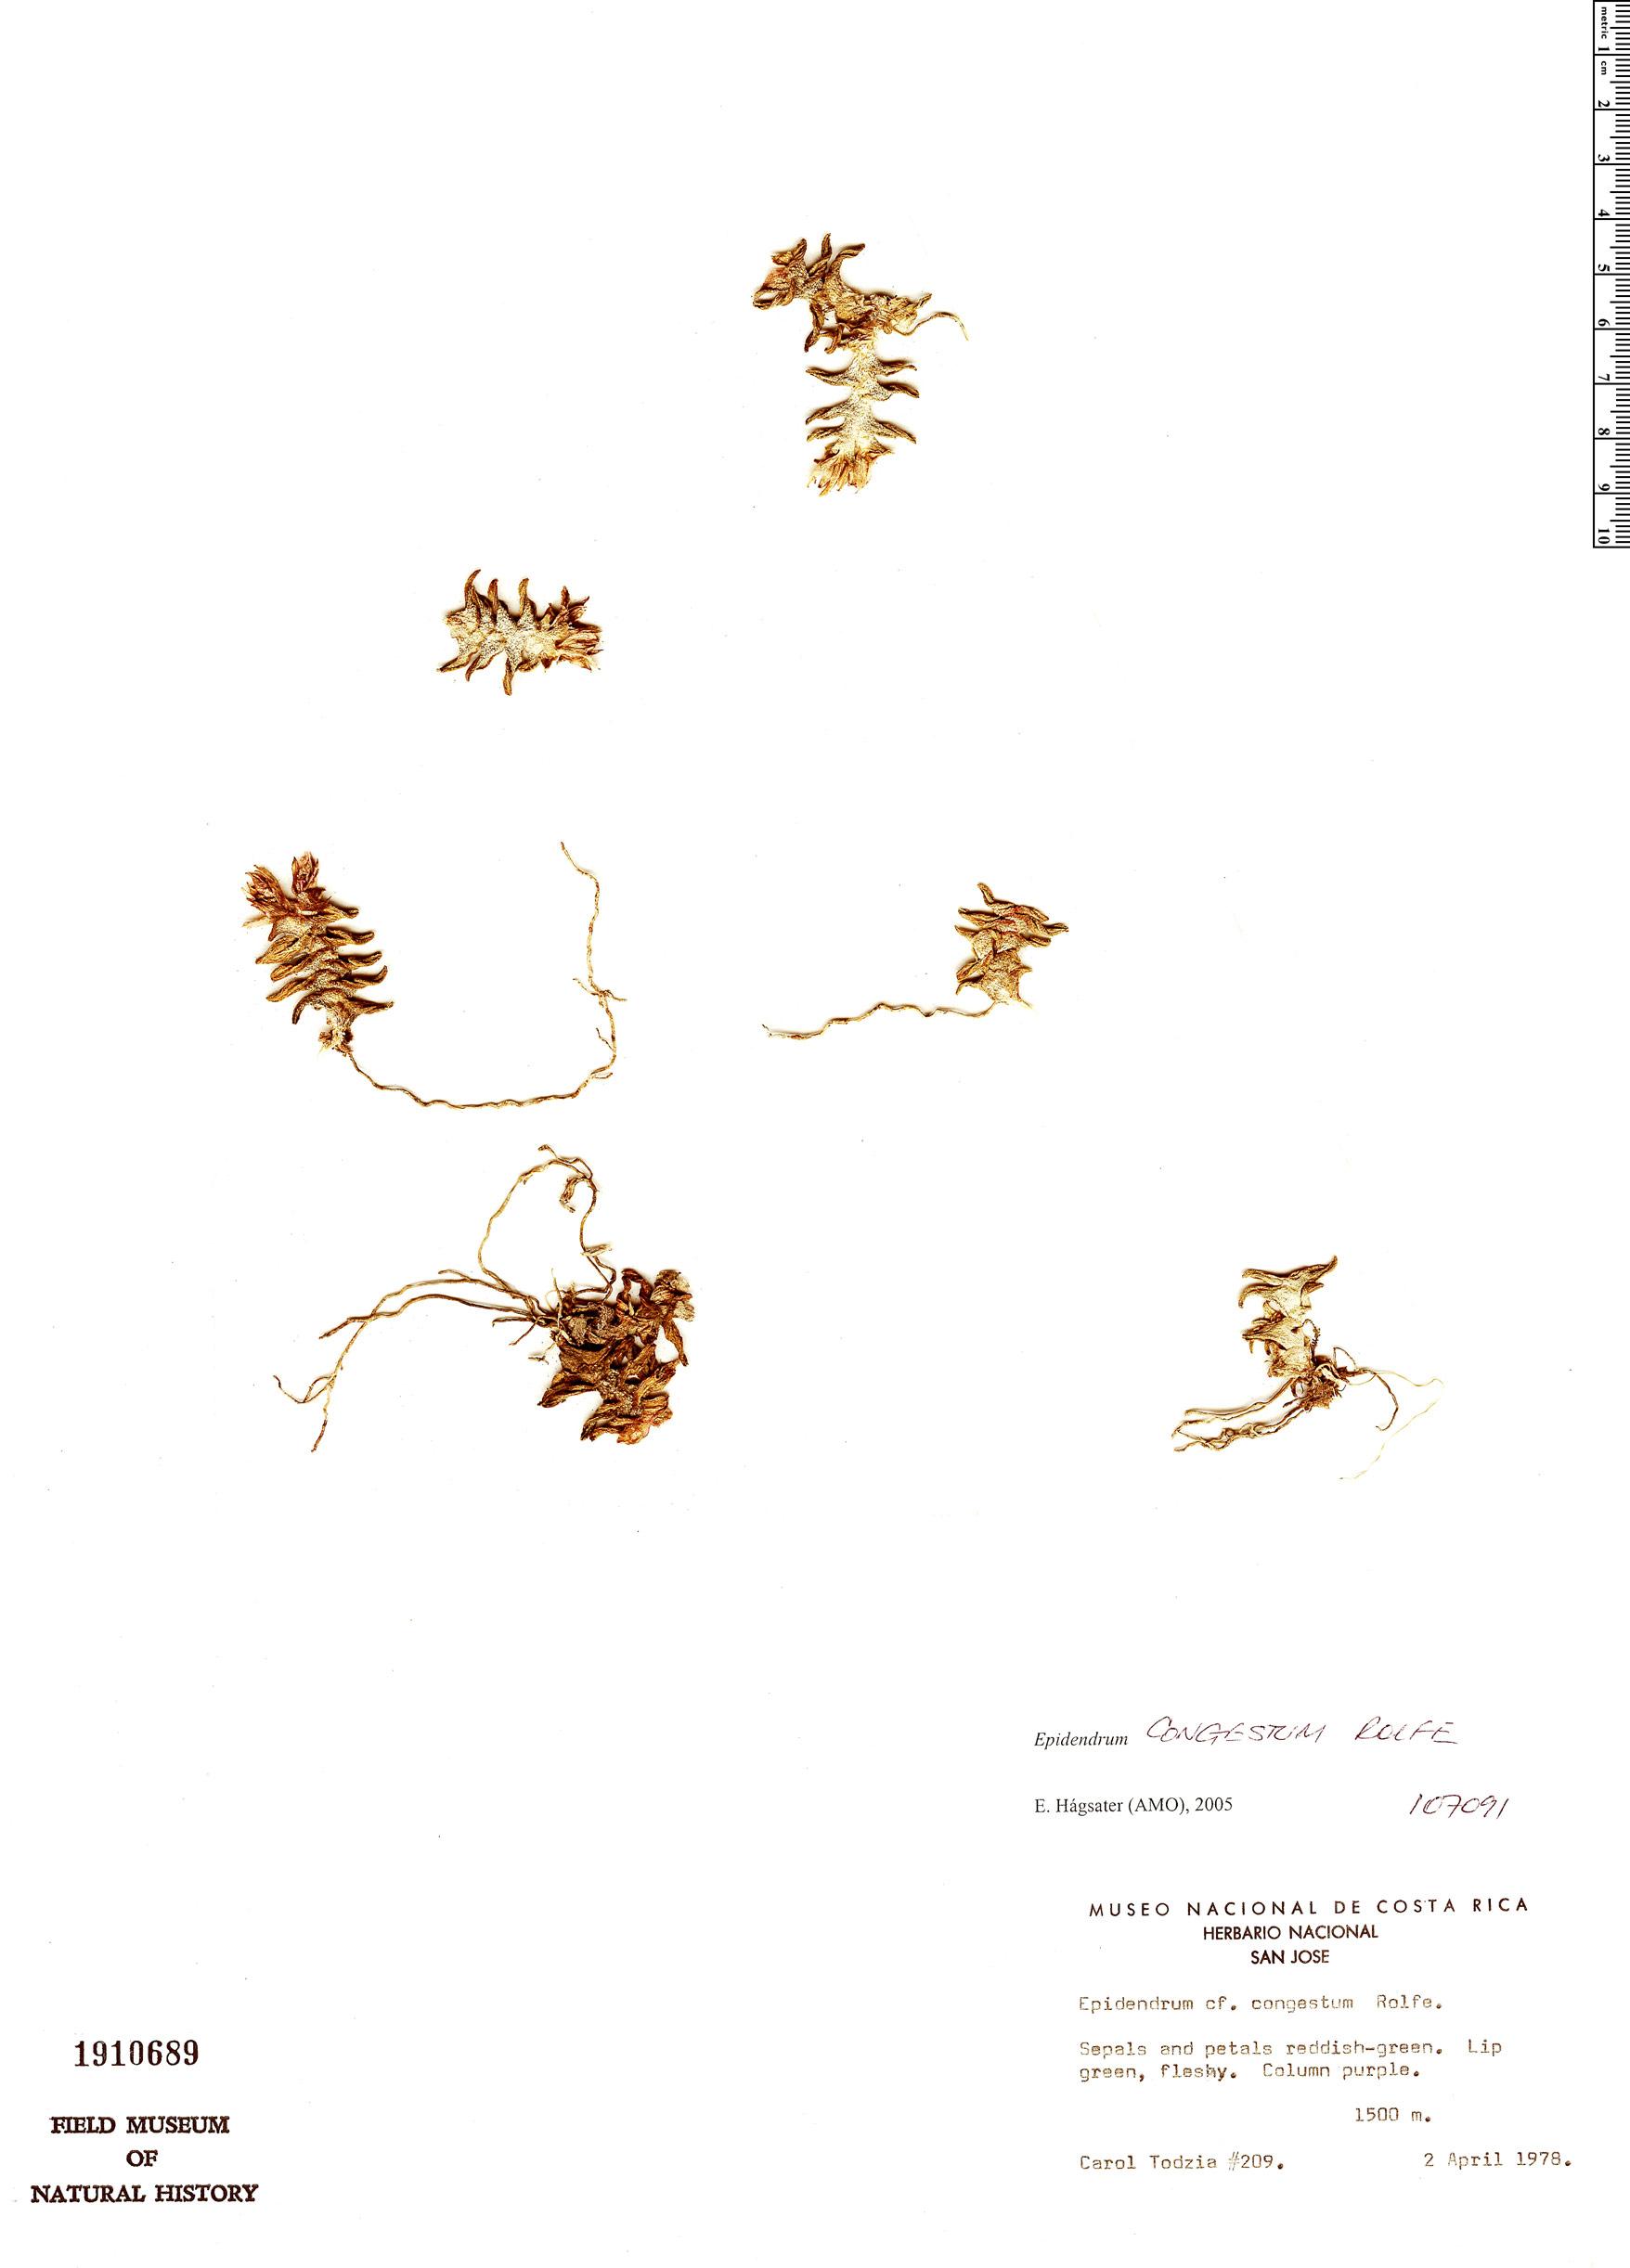 Specimen: Epidendrum congestum